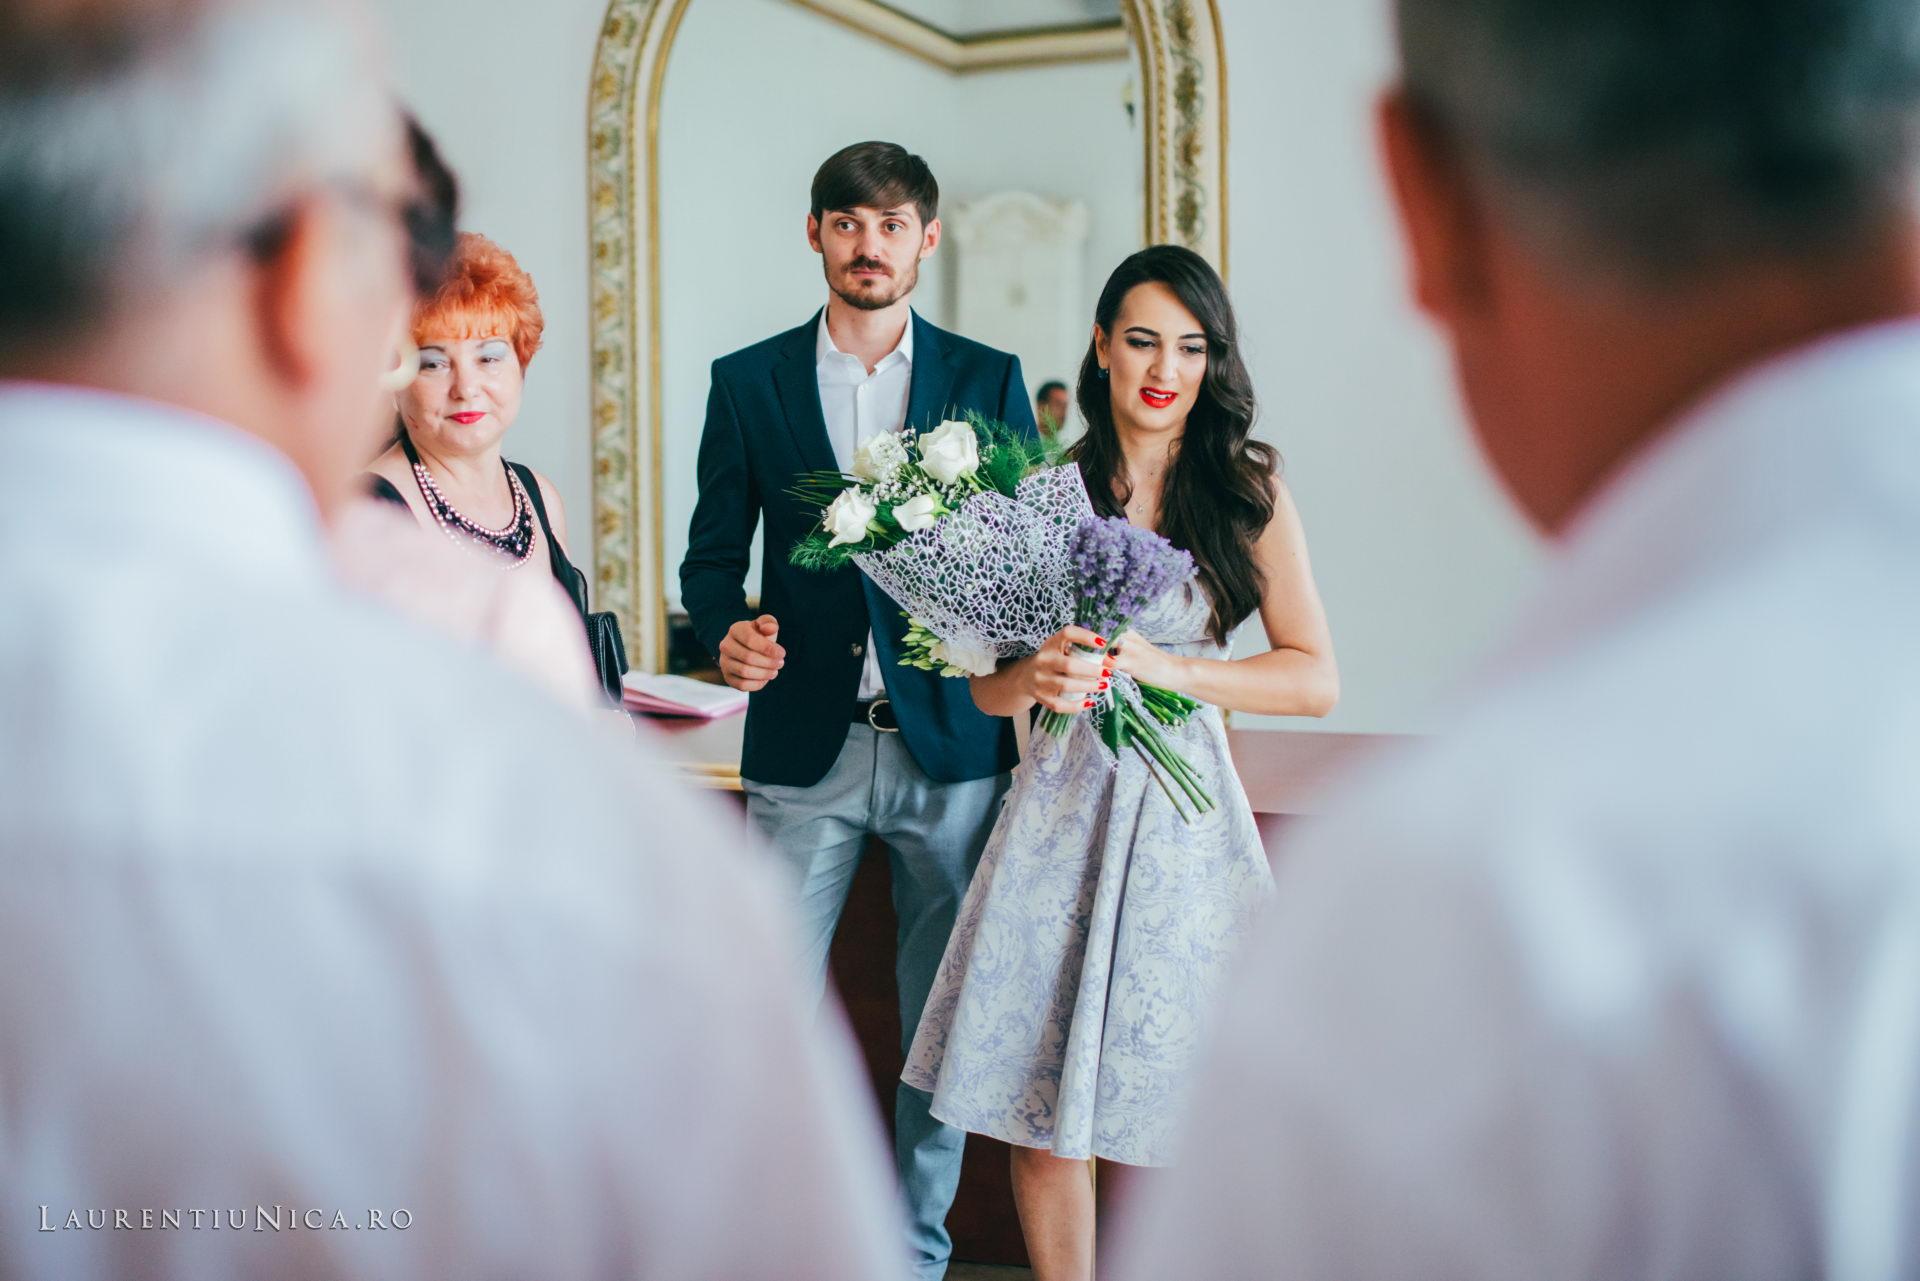 Cristina si Ovidiu nunta Craiova fotograf laurentiu nica 009 - Cristina & Ovidiu | Fotografii nunta | Craiova